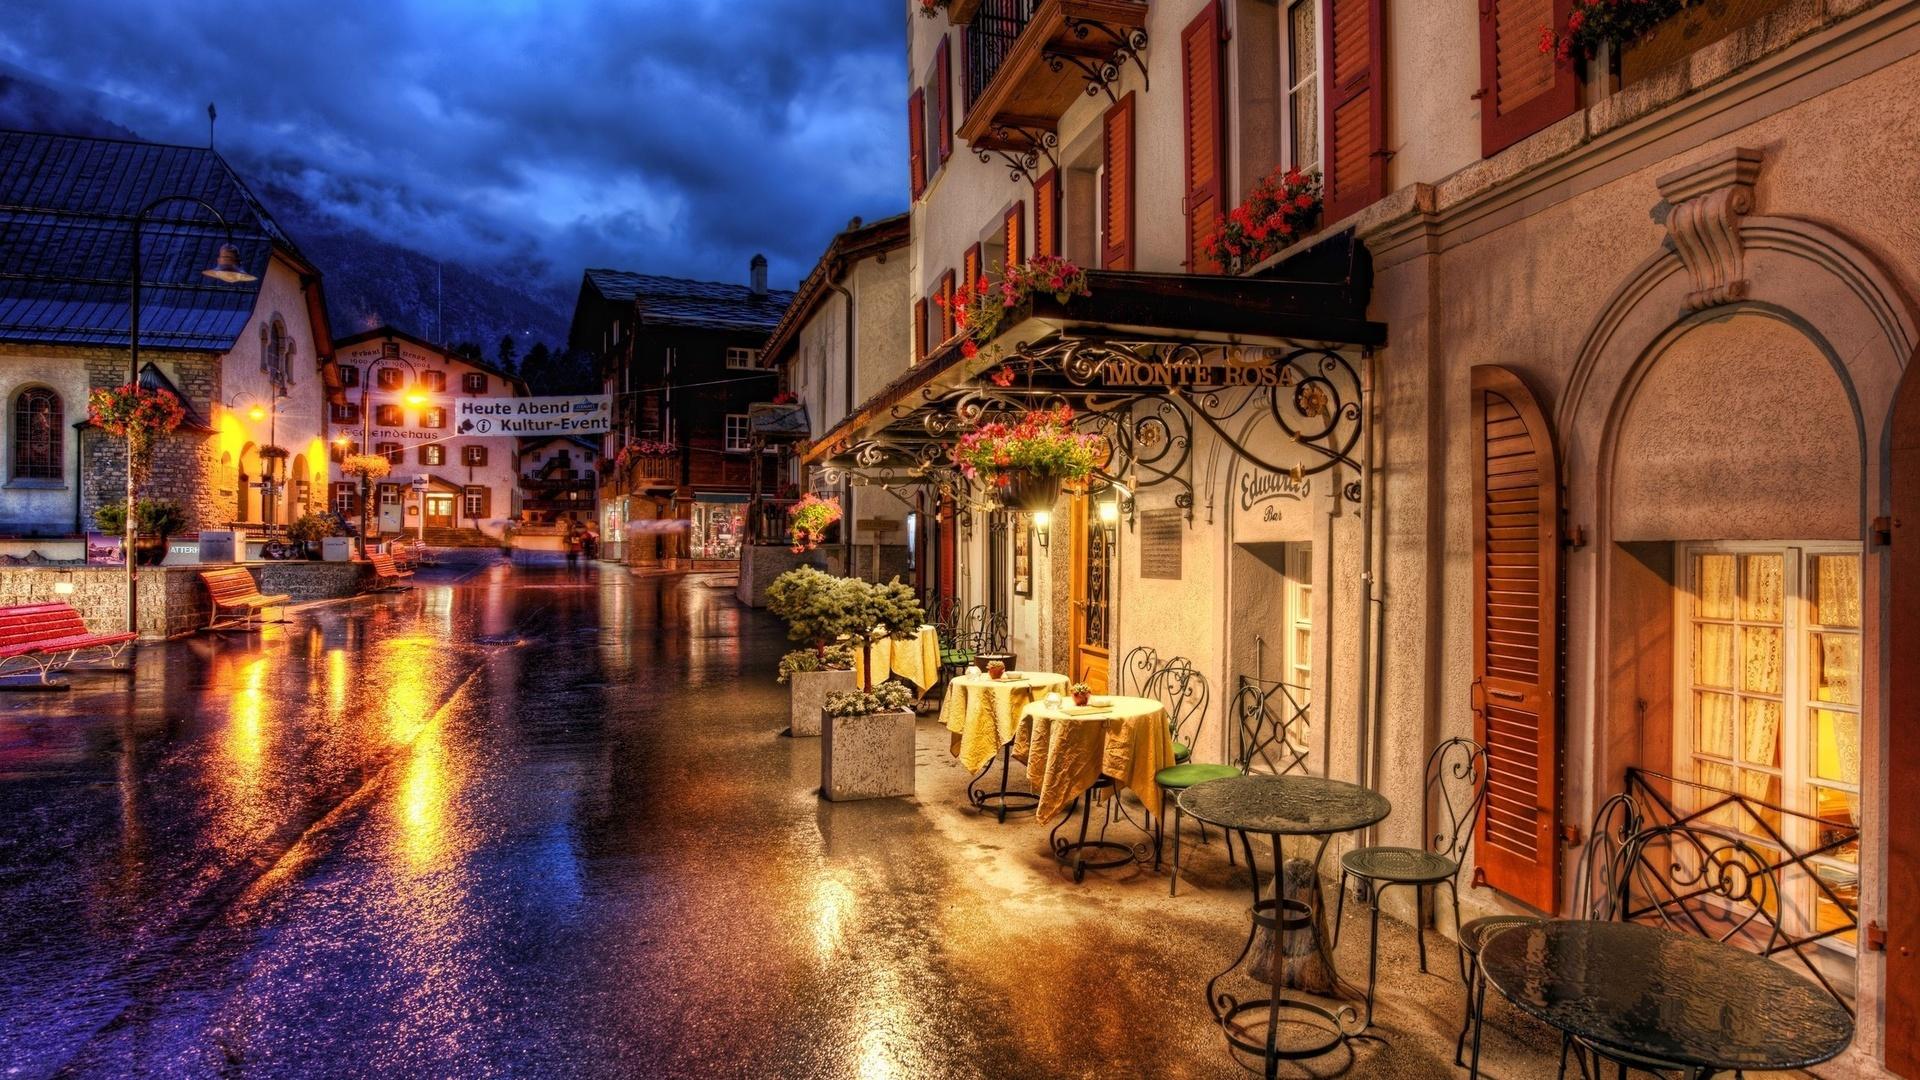 15845 скачать обои Улицы, Города, Архитектура - заставки и картинки бесплатно